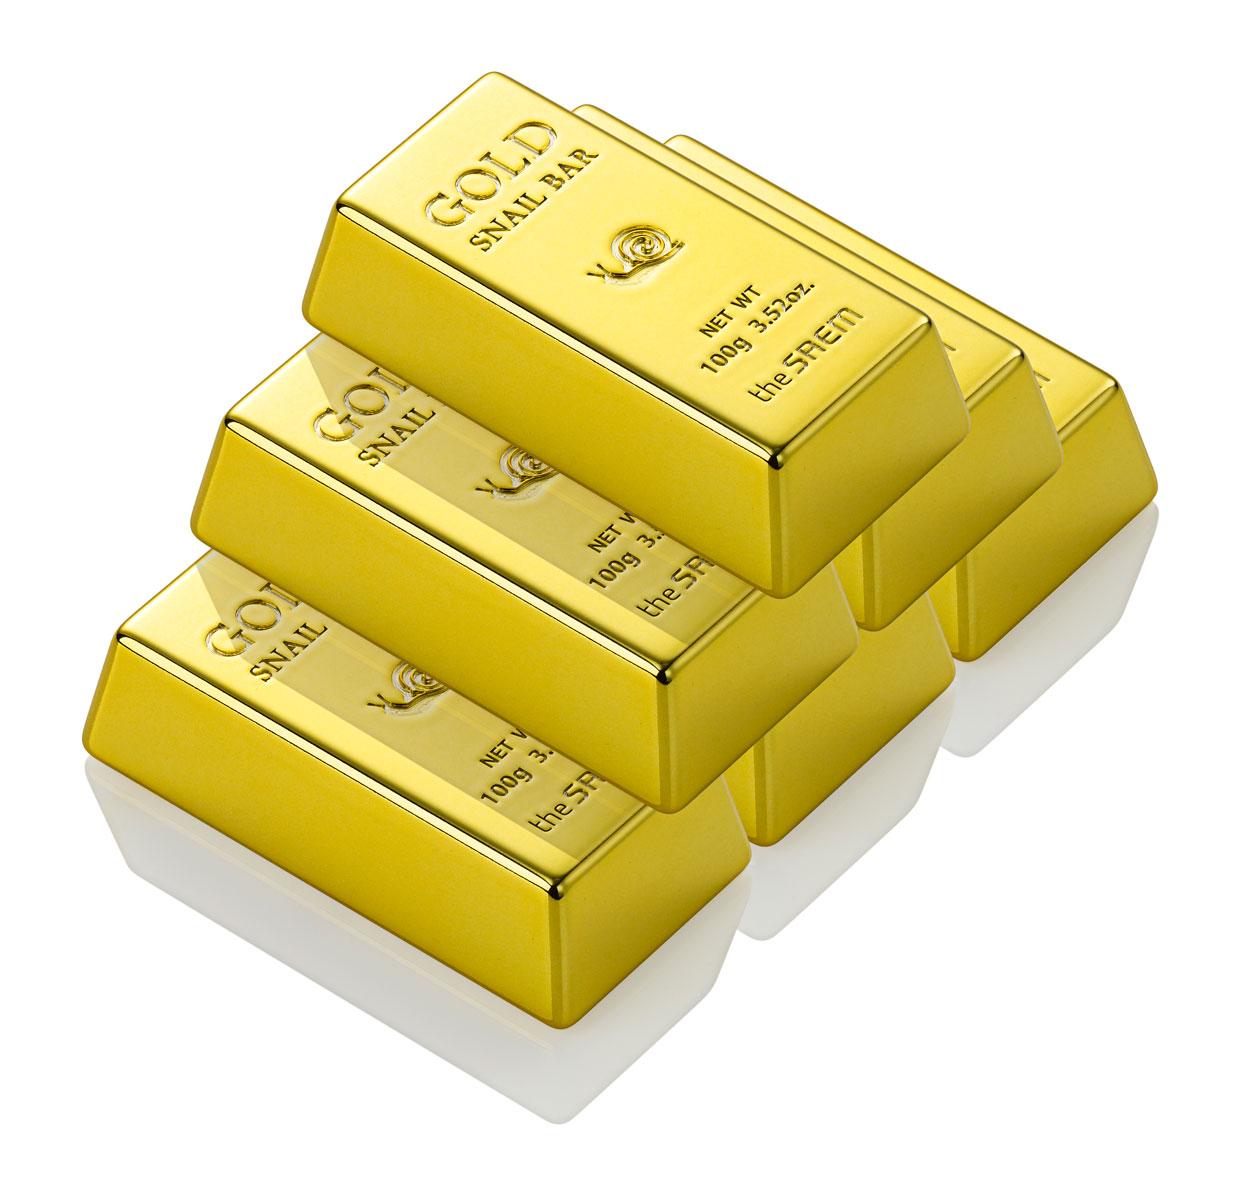 The Saem Мыло для умывания с экстрактом золота, муцина улитки, оливы Gold Snail Bar, 100 гр